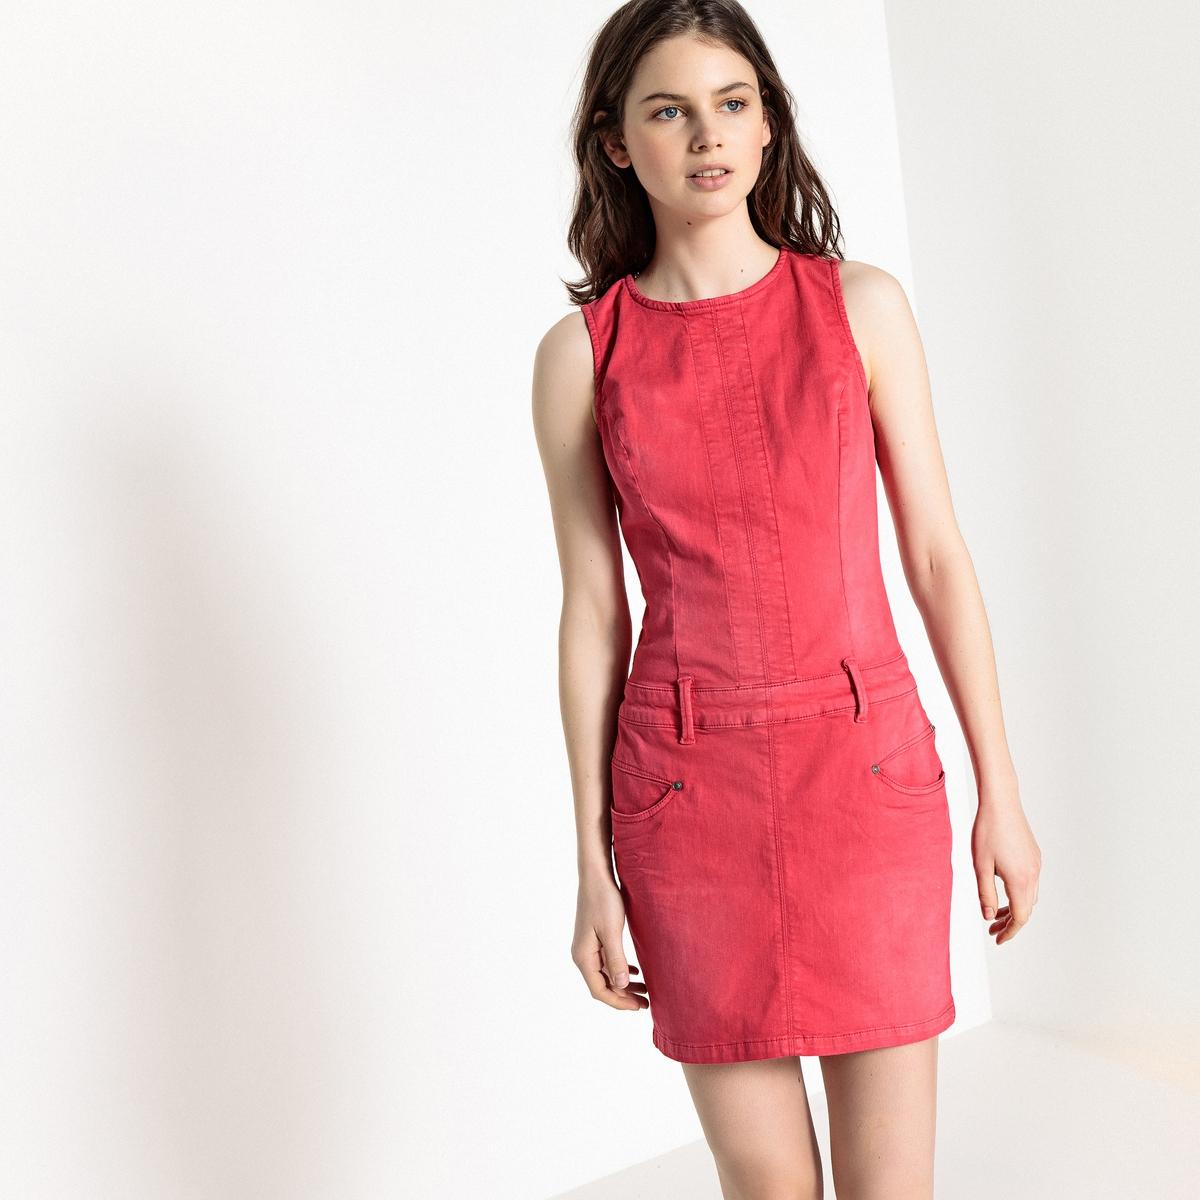 Платье прямое средней длины, однотонное, без рукавовОписание:Детали •  Форма : прямая •  Длина до колен     •  Круглый вырезСостав и уход •  62% хлопка, 3% эластана, 29% лиоцелла, 6% полиэстера •  Следуйте рекомендациям по уходу, указанным на этикетке изделия<br><br>Цвет: малиновый